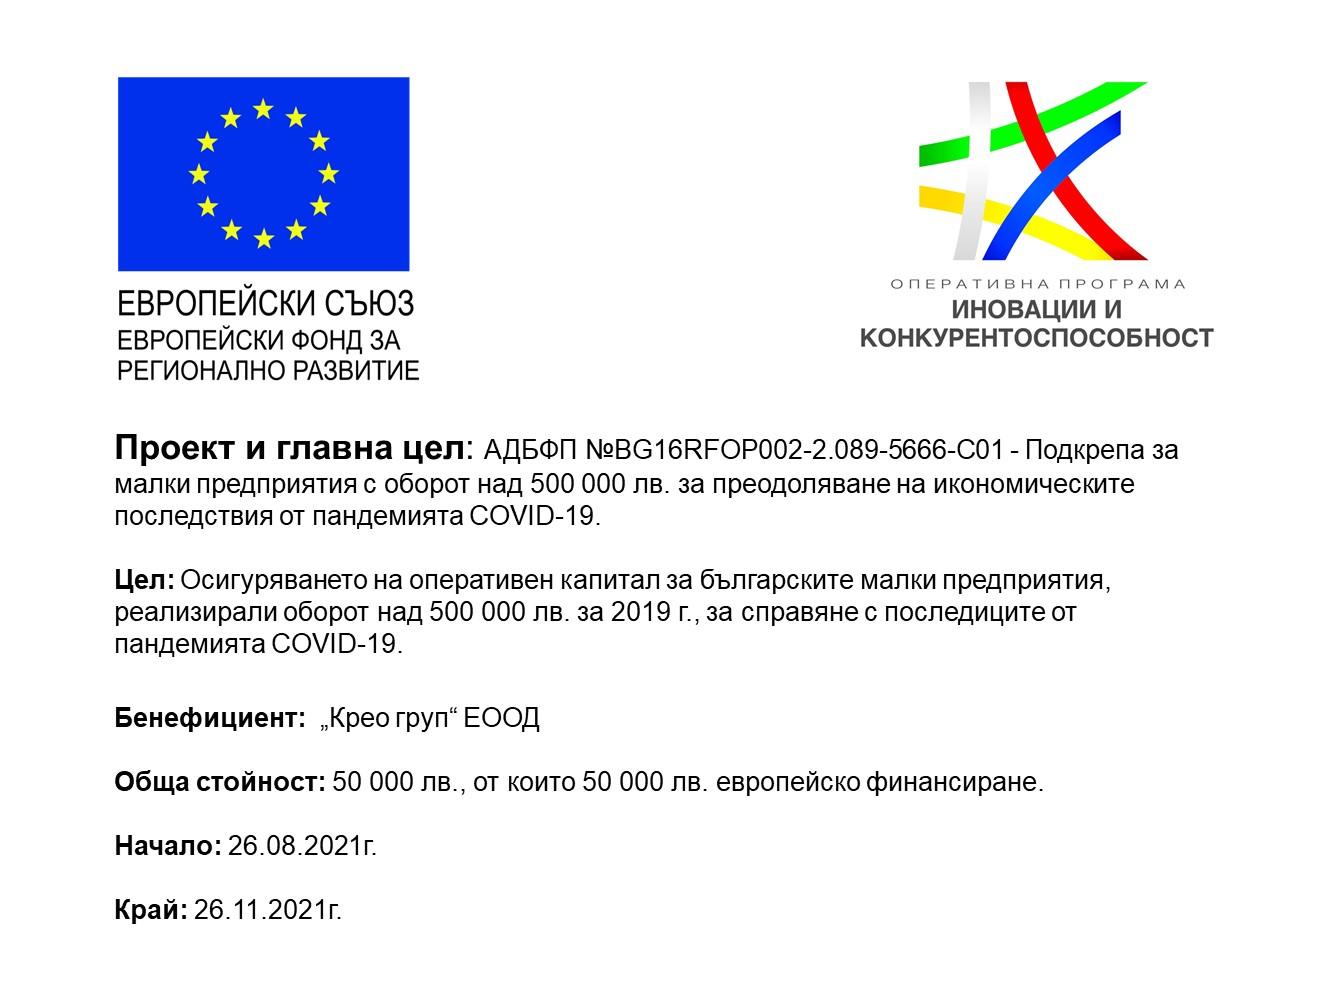 Подкрепа за малки предприятия с оборот над 500 000 лв. за преодоляване на икономическите последствия от пандемията COVID-19.